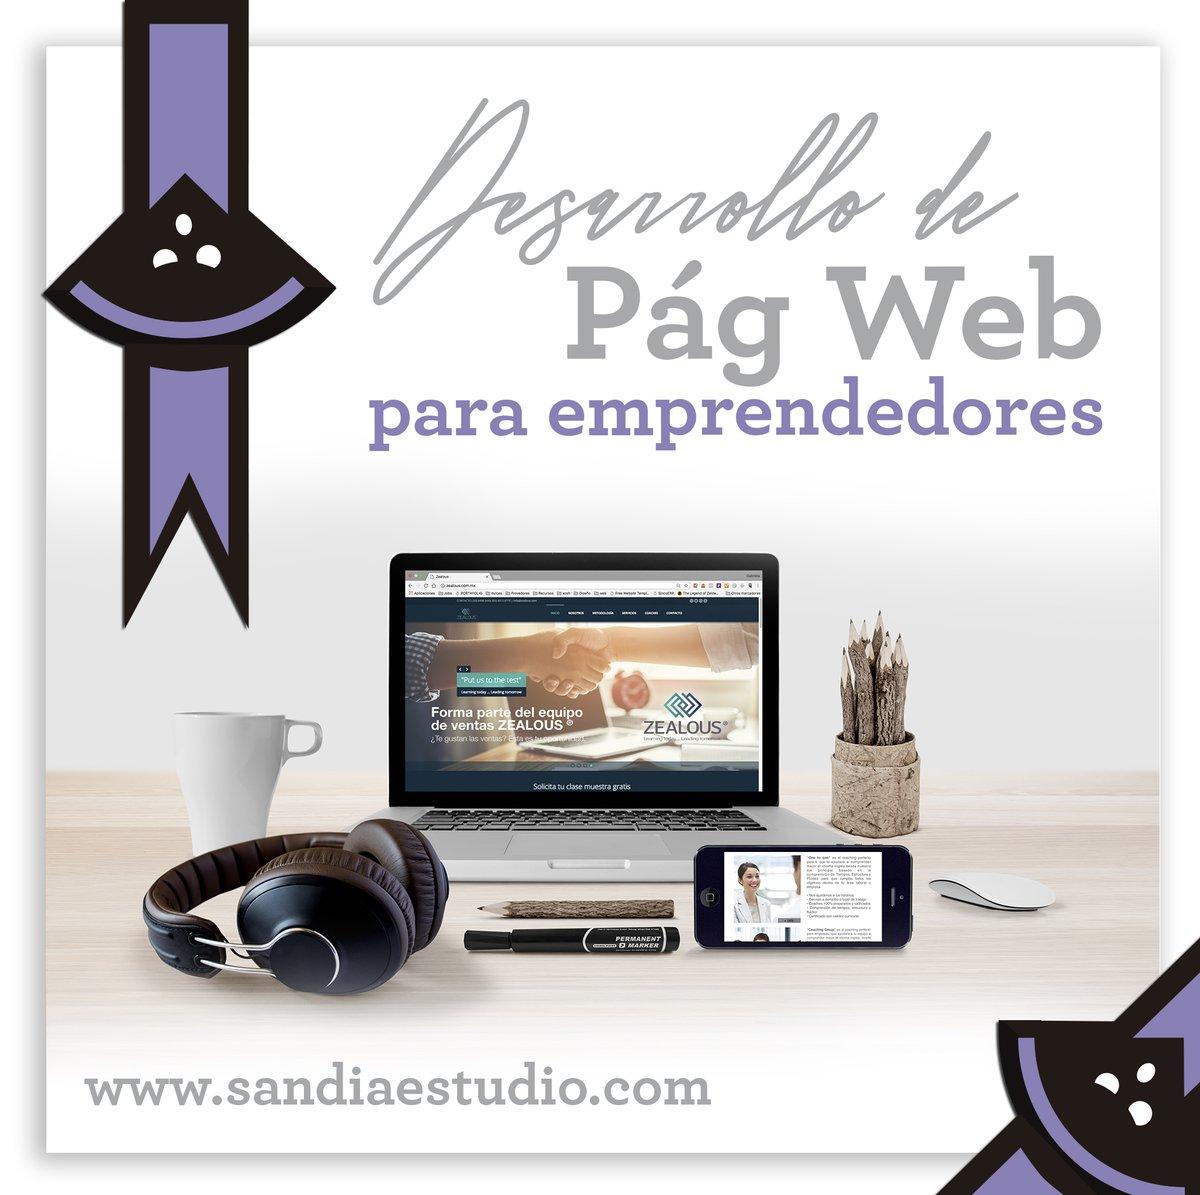 Si lo que necesitas es una página web, ¡estás en el lugar indicado!  Visita https://t.co/ik19GhP4JK para más información. ☎ 55 8435 4093  #Emprendimiento #Negocios #WebDesing https://t.co/1zVYMcAj0A